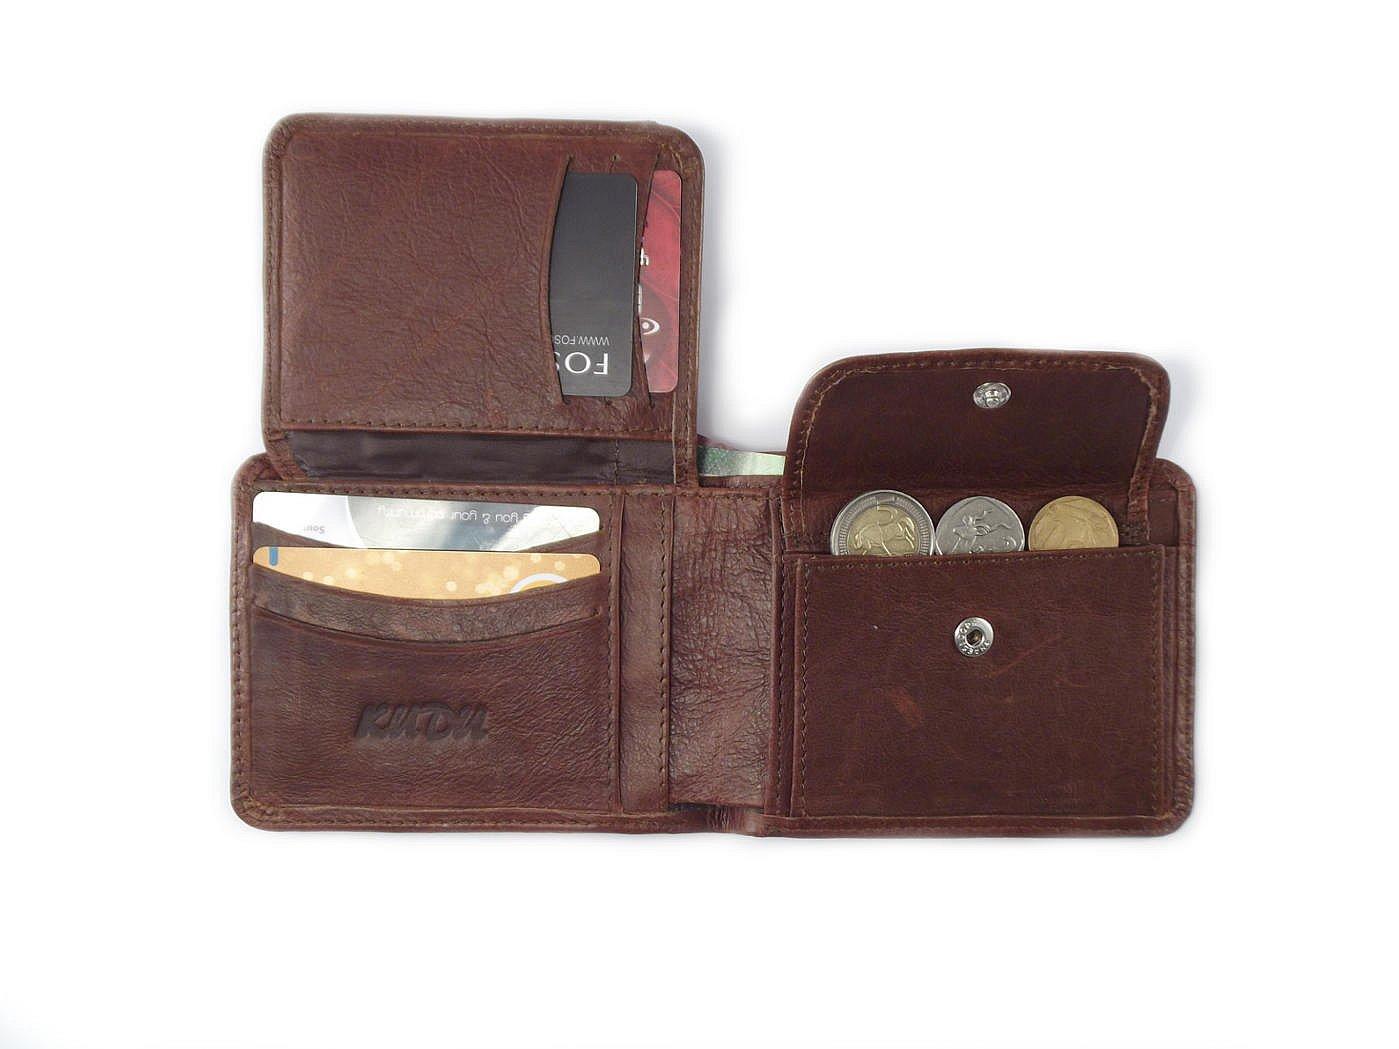 9cdce987e1af Wallet 14 Cards HPMW05NTKU - men's leather card holder by Der Lederhandler